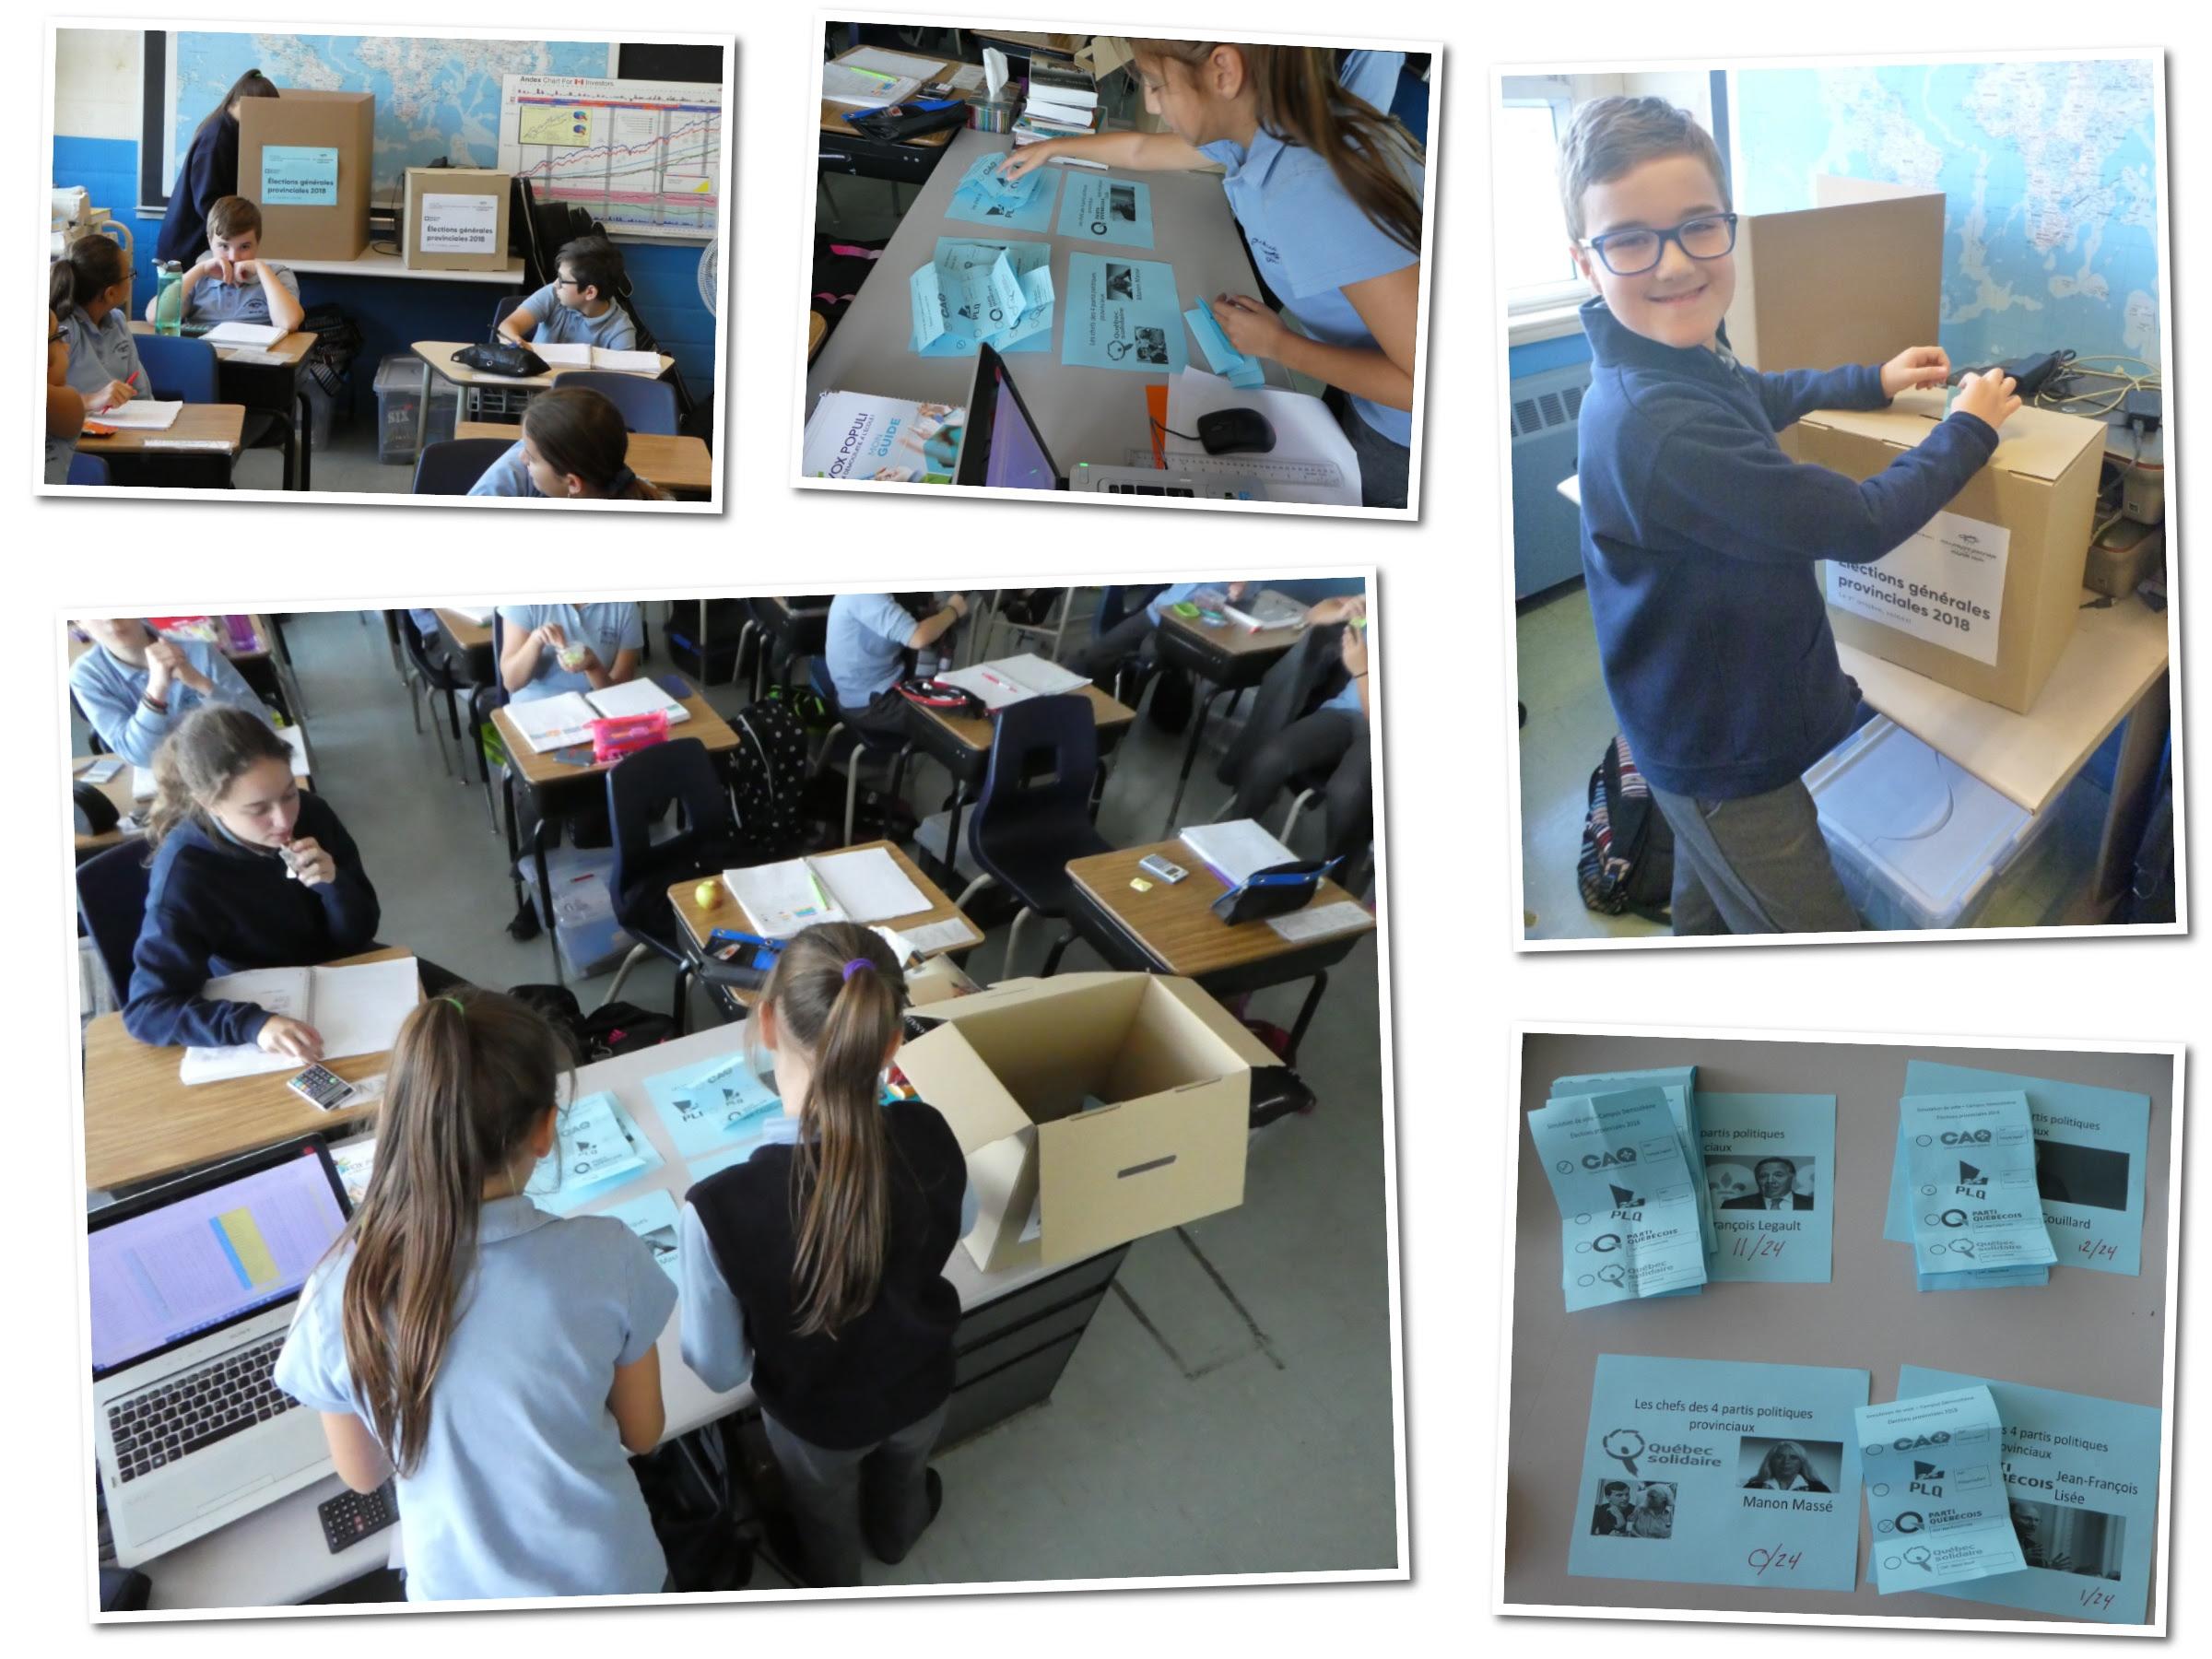 Στον Δημοσθένη και στον Σωκράτη III, οι μαθητές ψήφισαν επίσης!